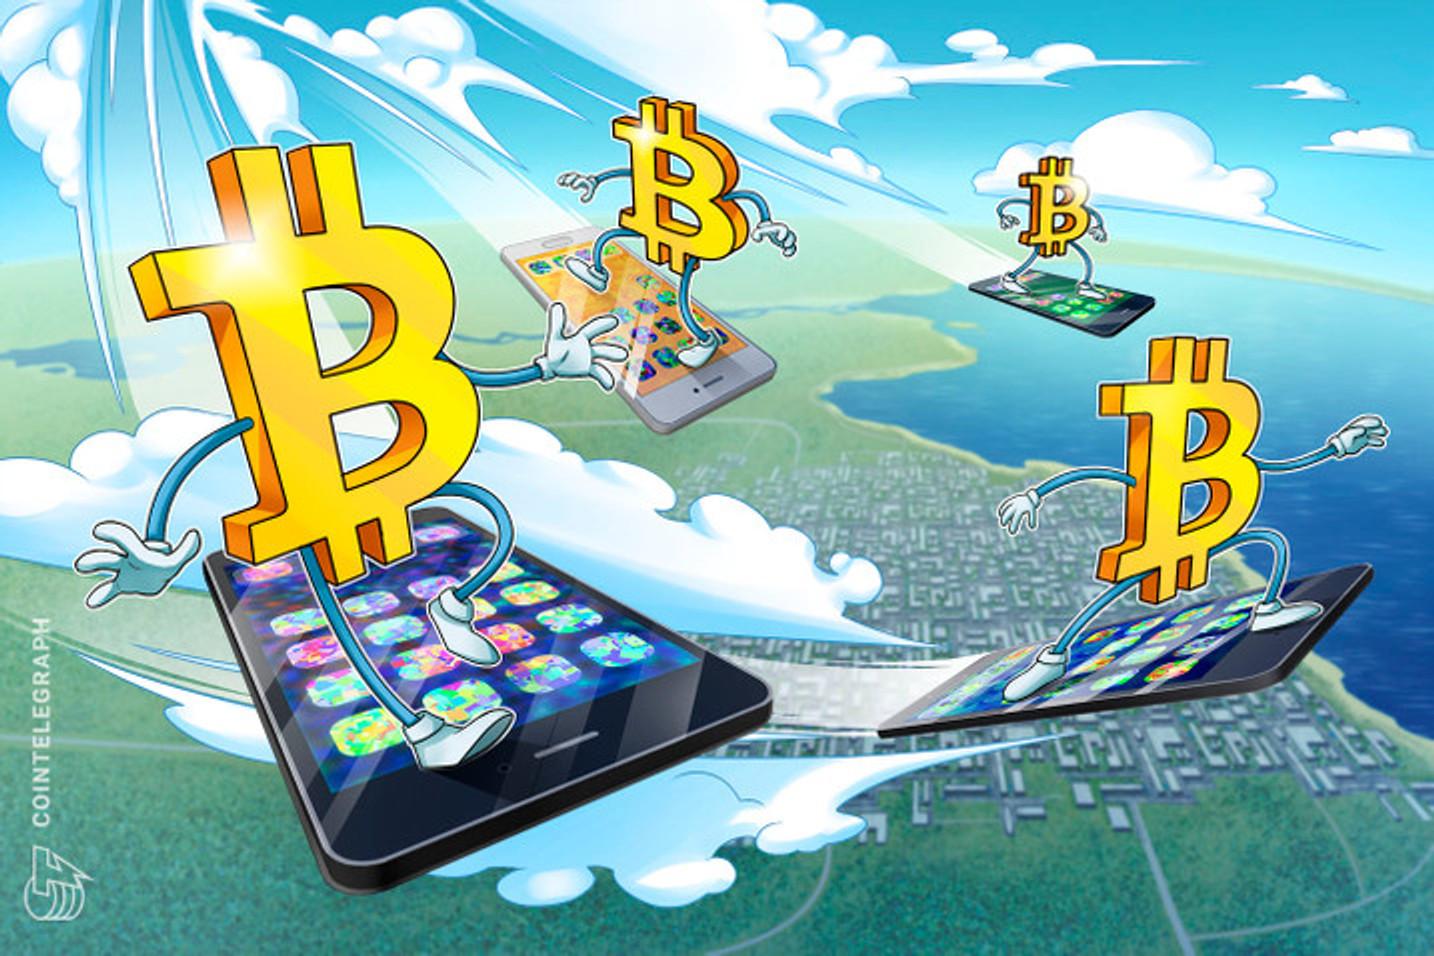 Transferencias con bitcoin se incrementaron en El Salvador